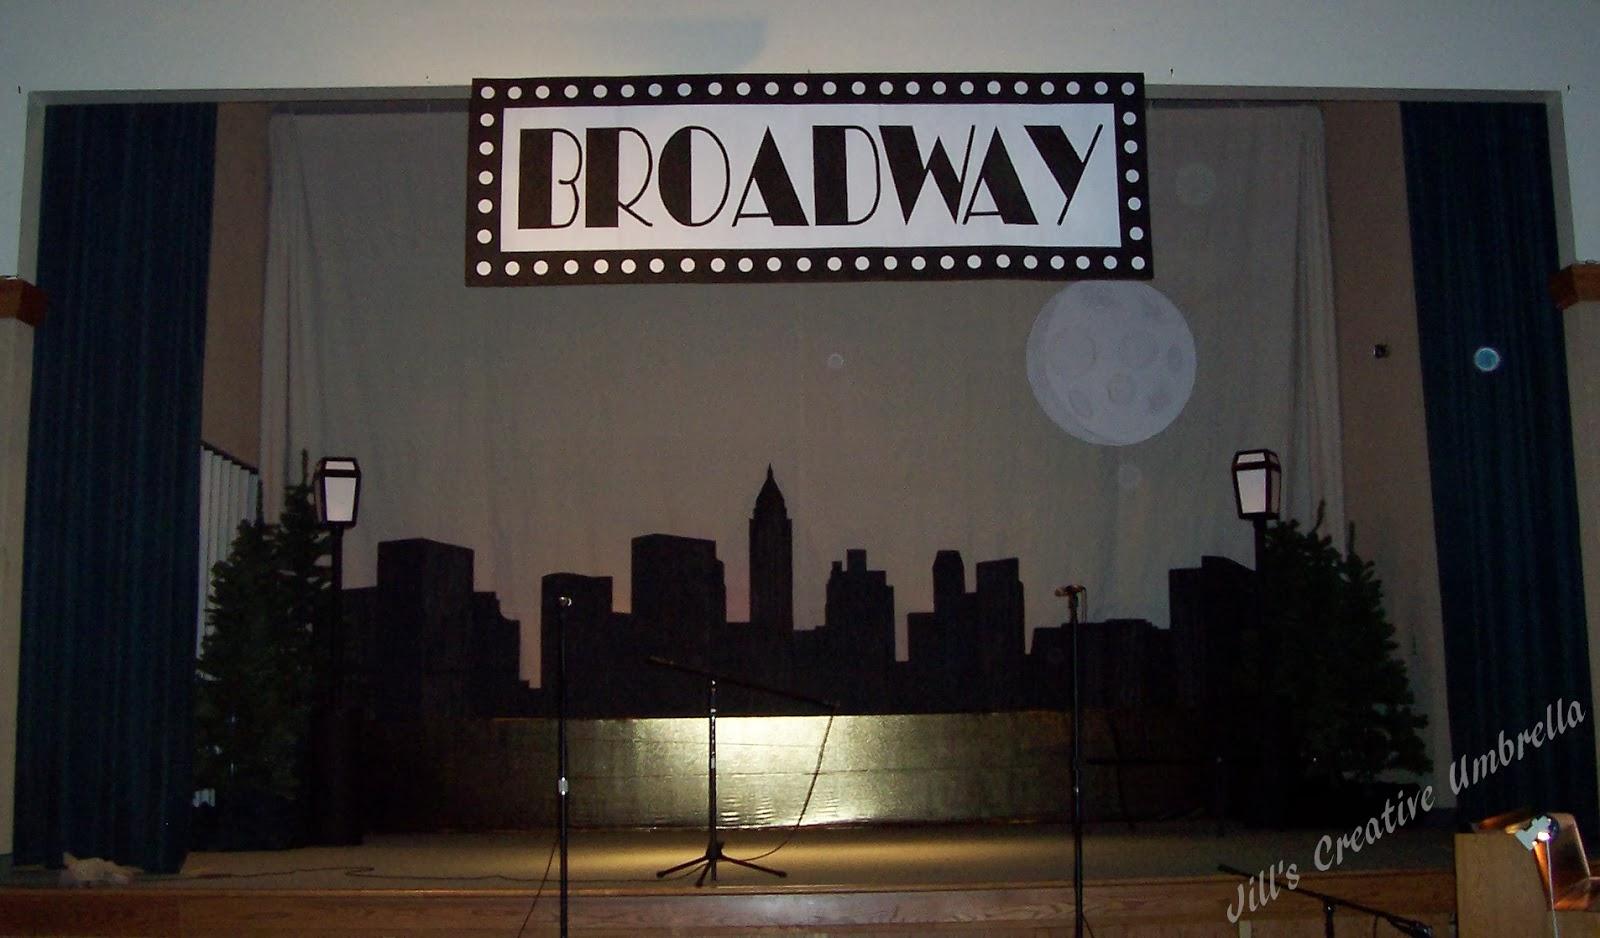 Jills Creative Umbrella Cardboard Creations  Broadway